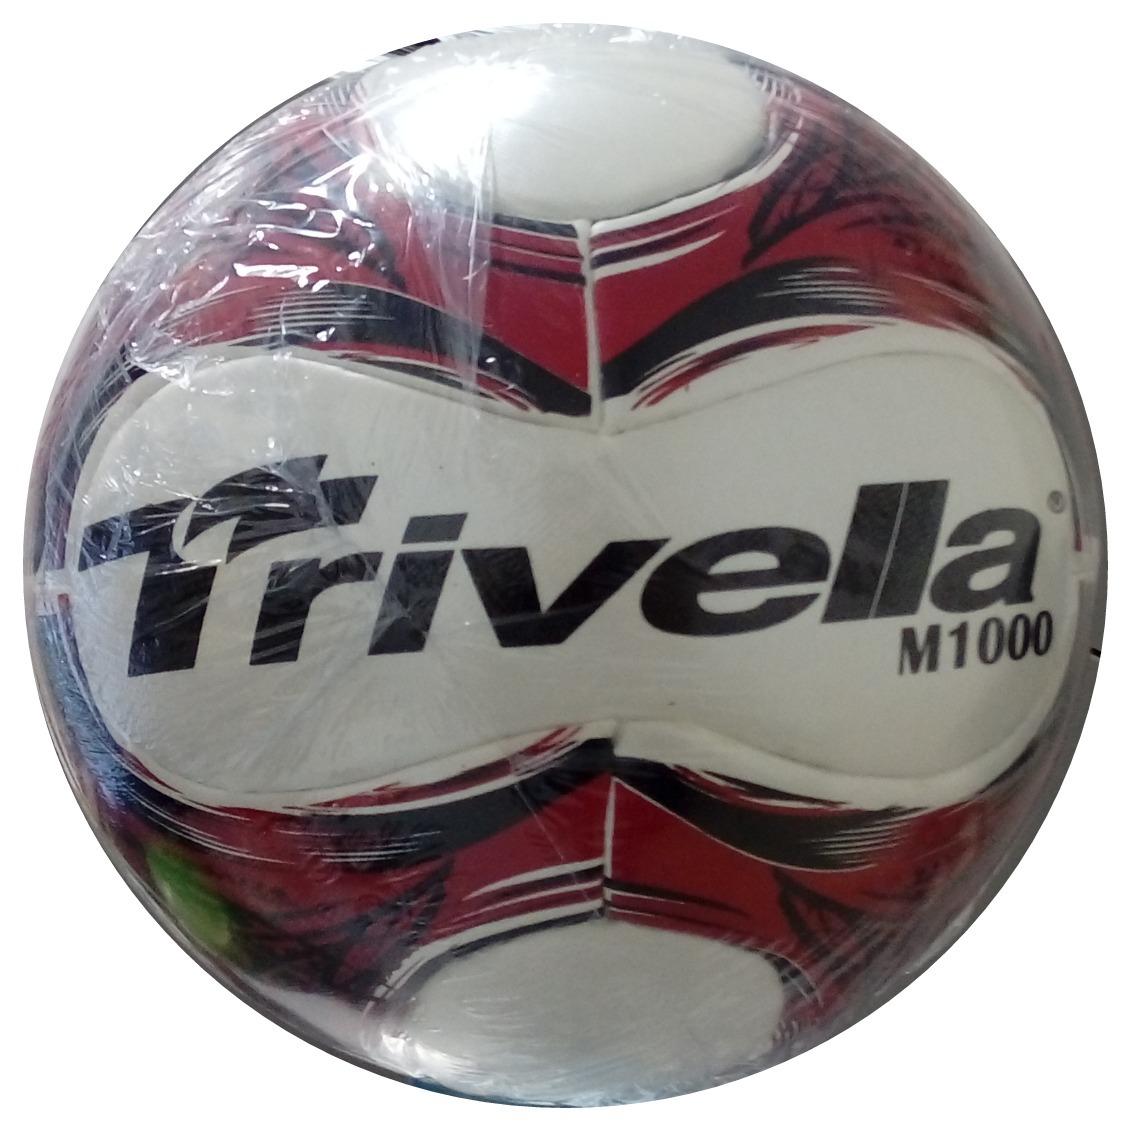 Bola Futebol Futsal 100% Pu Trivella Original - Brasil Gold - R  65 ... 8a3d31770d17a